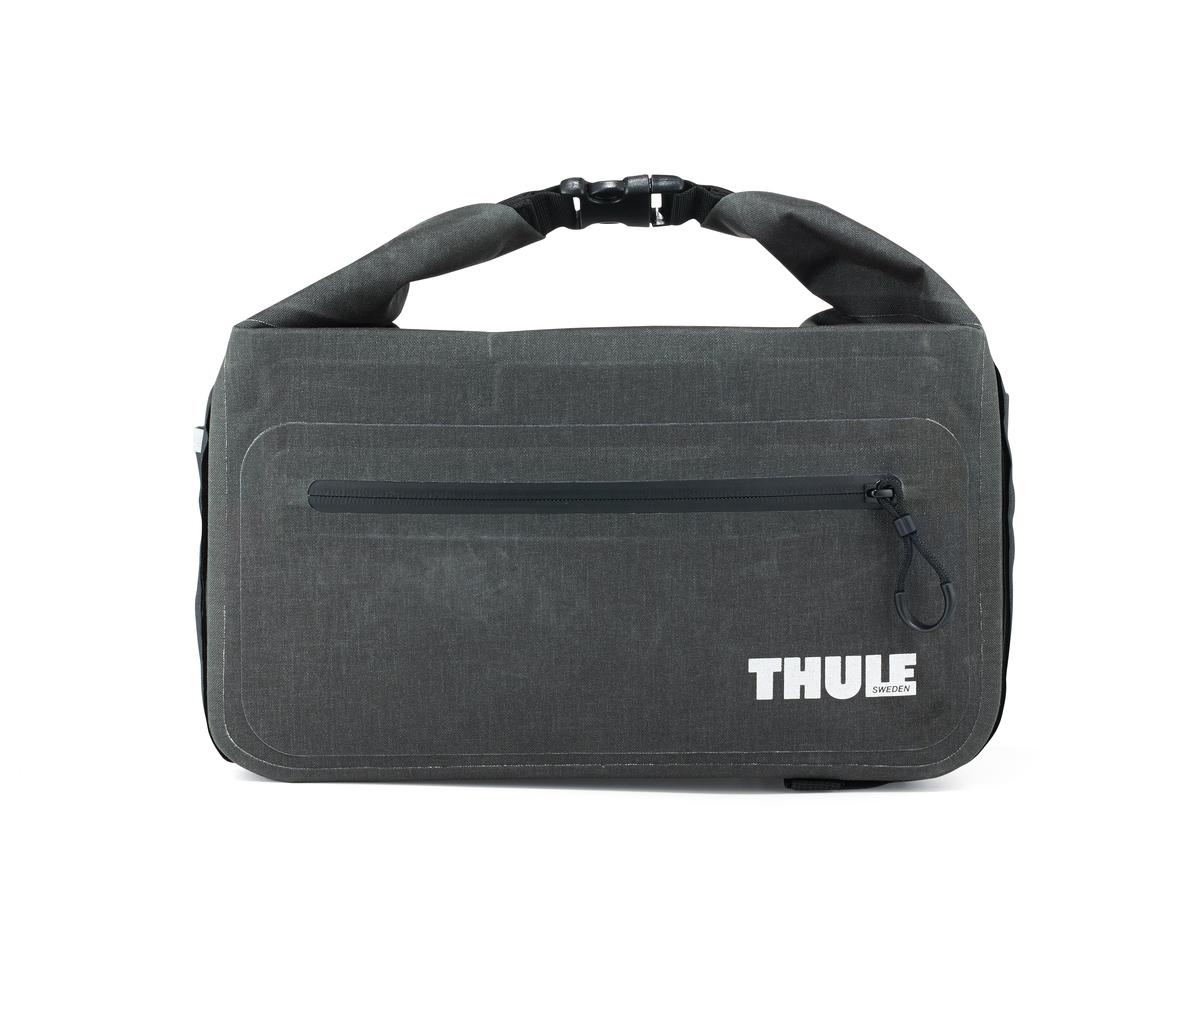 Сумка велосипедная на багажник Thule Trunkbag100055Этот удобный кофр обеспечивает водонепроницаемое пространство объемом 11 литров для хранения грузов и крепится к переднему или заднему багажнику велосипеда. Сворачивающаяся застежка и герметичные швы обеспечивают водонепроницаемость ваших вещей. Внешние прозрачные кармашки обеспечивают использование аварийного фонаря и хранение его в одном удобном месте. Сворачивающаяся застежка может также служить удобной ручкой для переноски. Простые крепления в виде петель и крюков обеспечивают надежное крепление багажника и позволяют быстро установить или снять его. Идеально подходит для размещения между двумя велосипедными сумками Thule. Лучше всего подходит для багажников Thule, но может использоваться практически с любым велосипедным багажником.